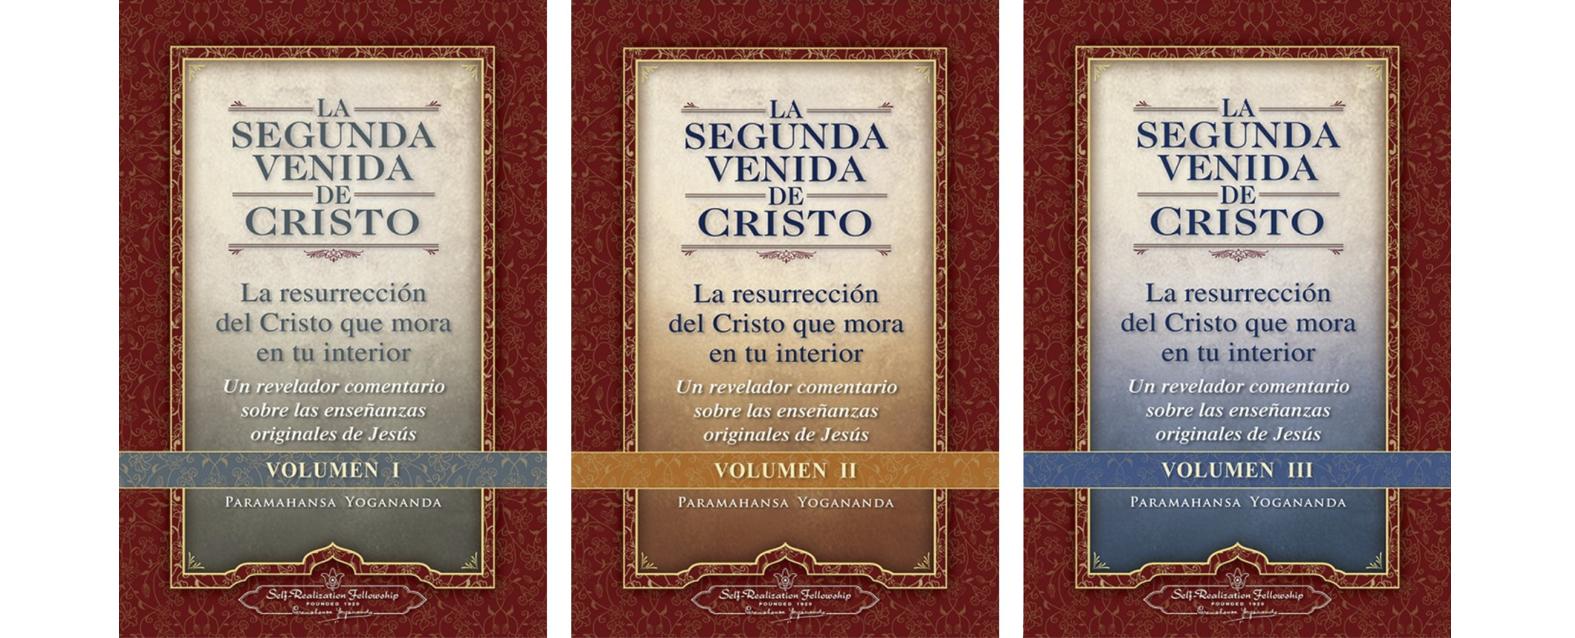 La segunda venida de cristo Volumen I, II y III